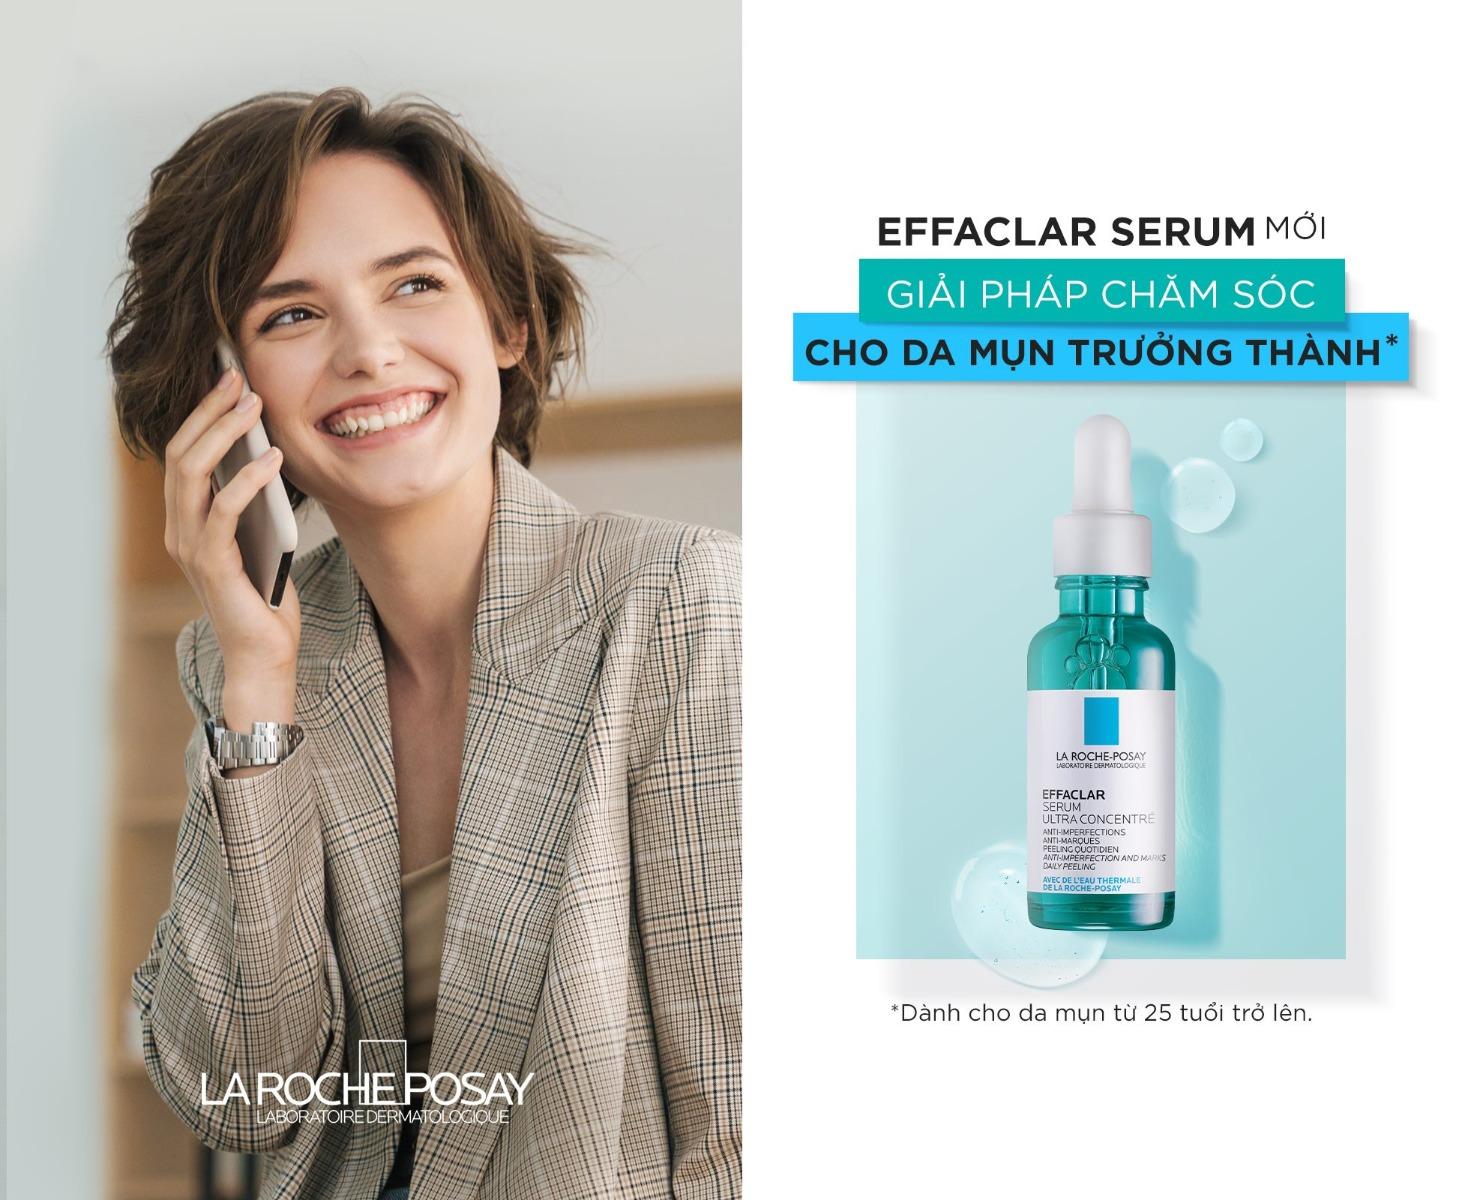 Tinh Chất Giảm Mụn La Roche-Posay Effaclar Serum phù hợp cho làn da trưởng thành bị mụn ở độ tuổi từ 25 trở lên.